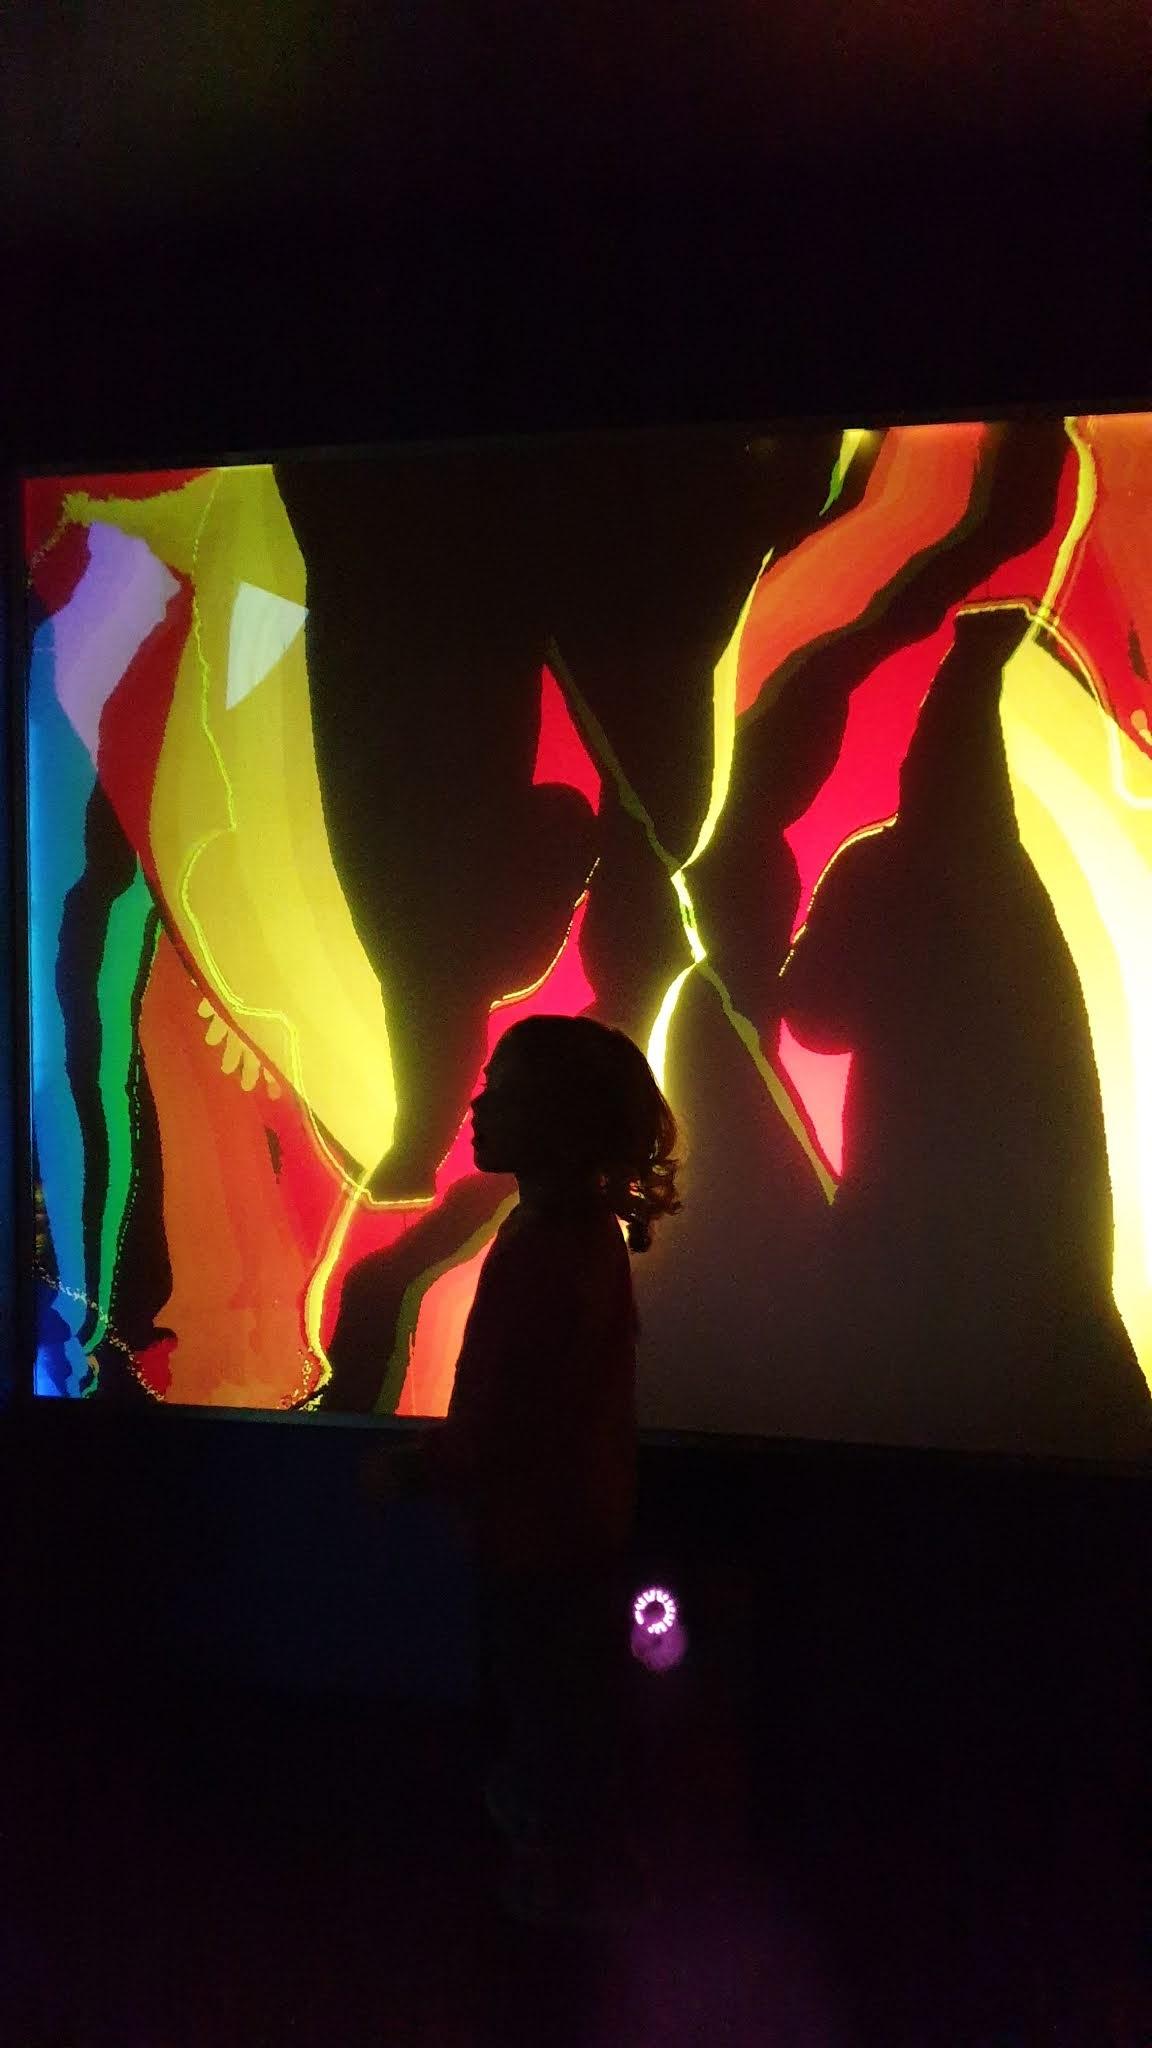 kid at pattern pod video show